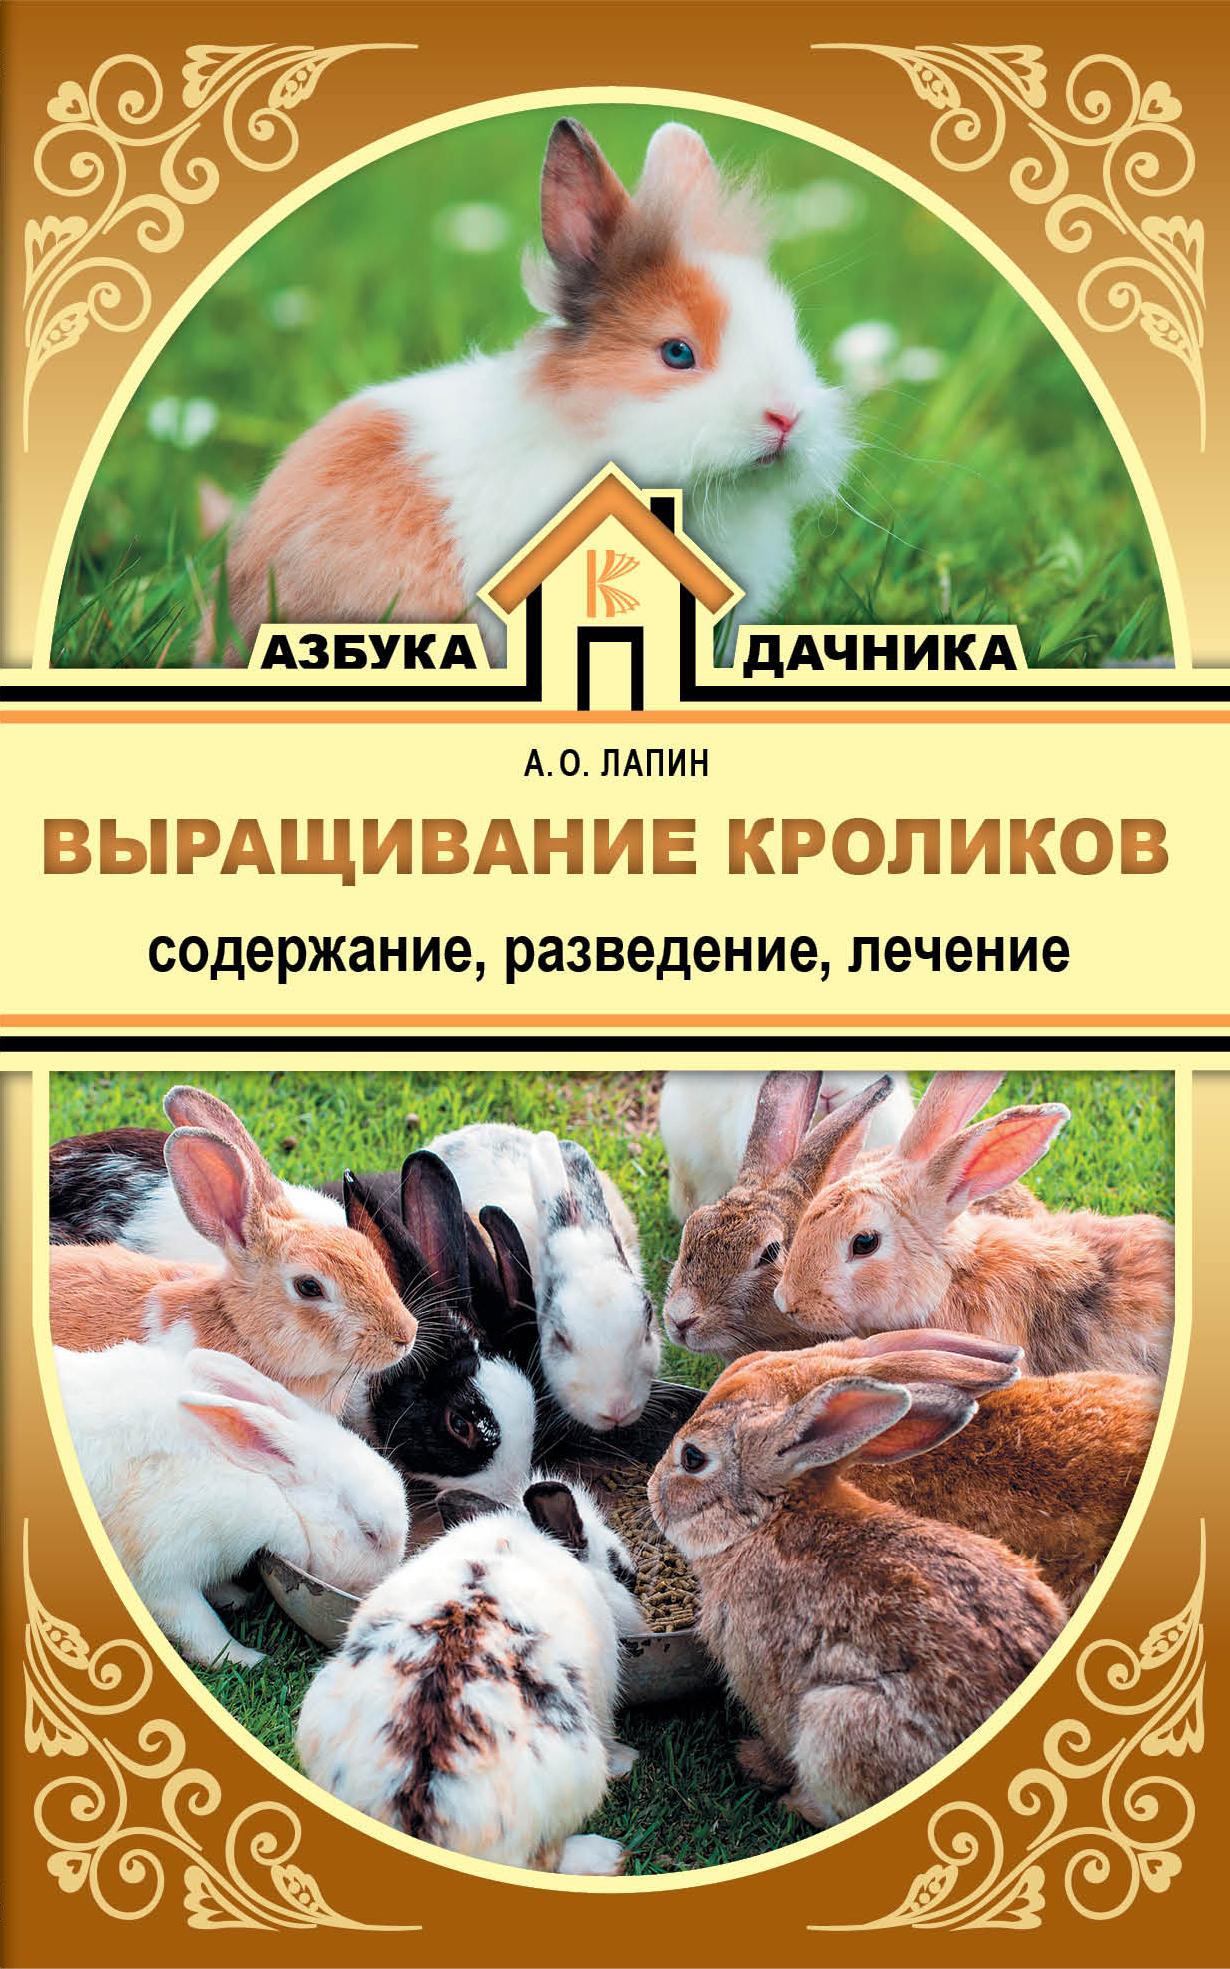 А. О. Лапин Выращивание кроликов. Содержание. Разведение. Лечение разведение и выращивание кур обычных пород и бройлеров